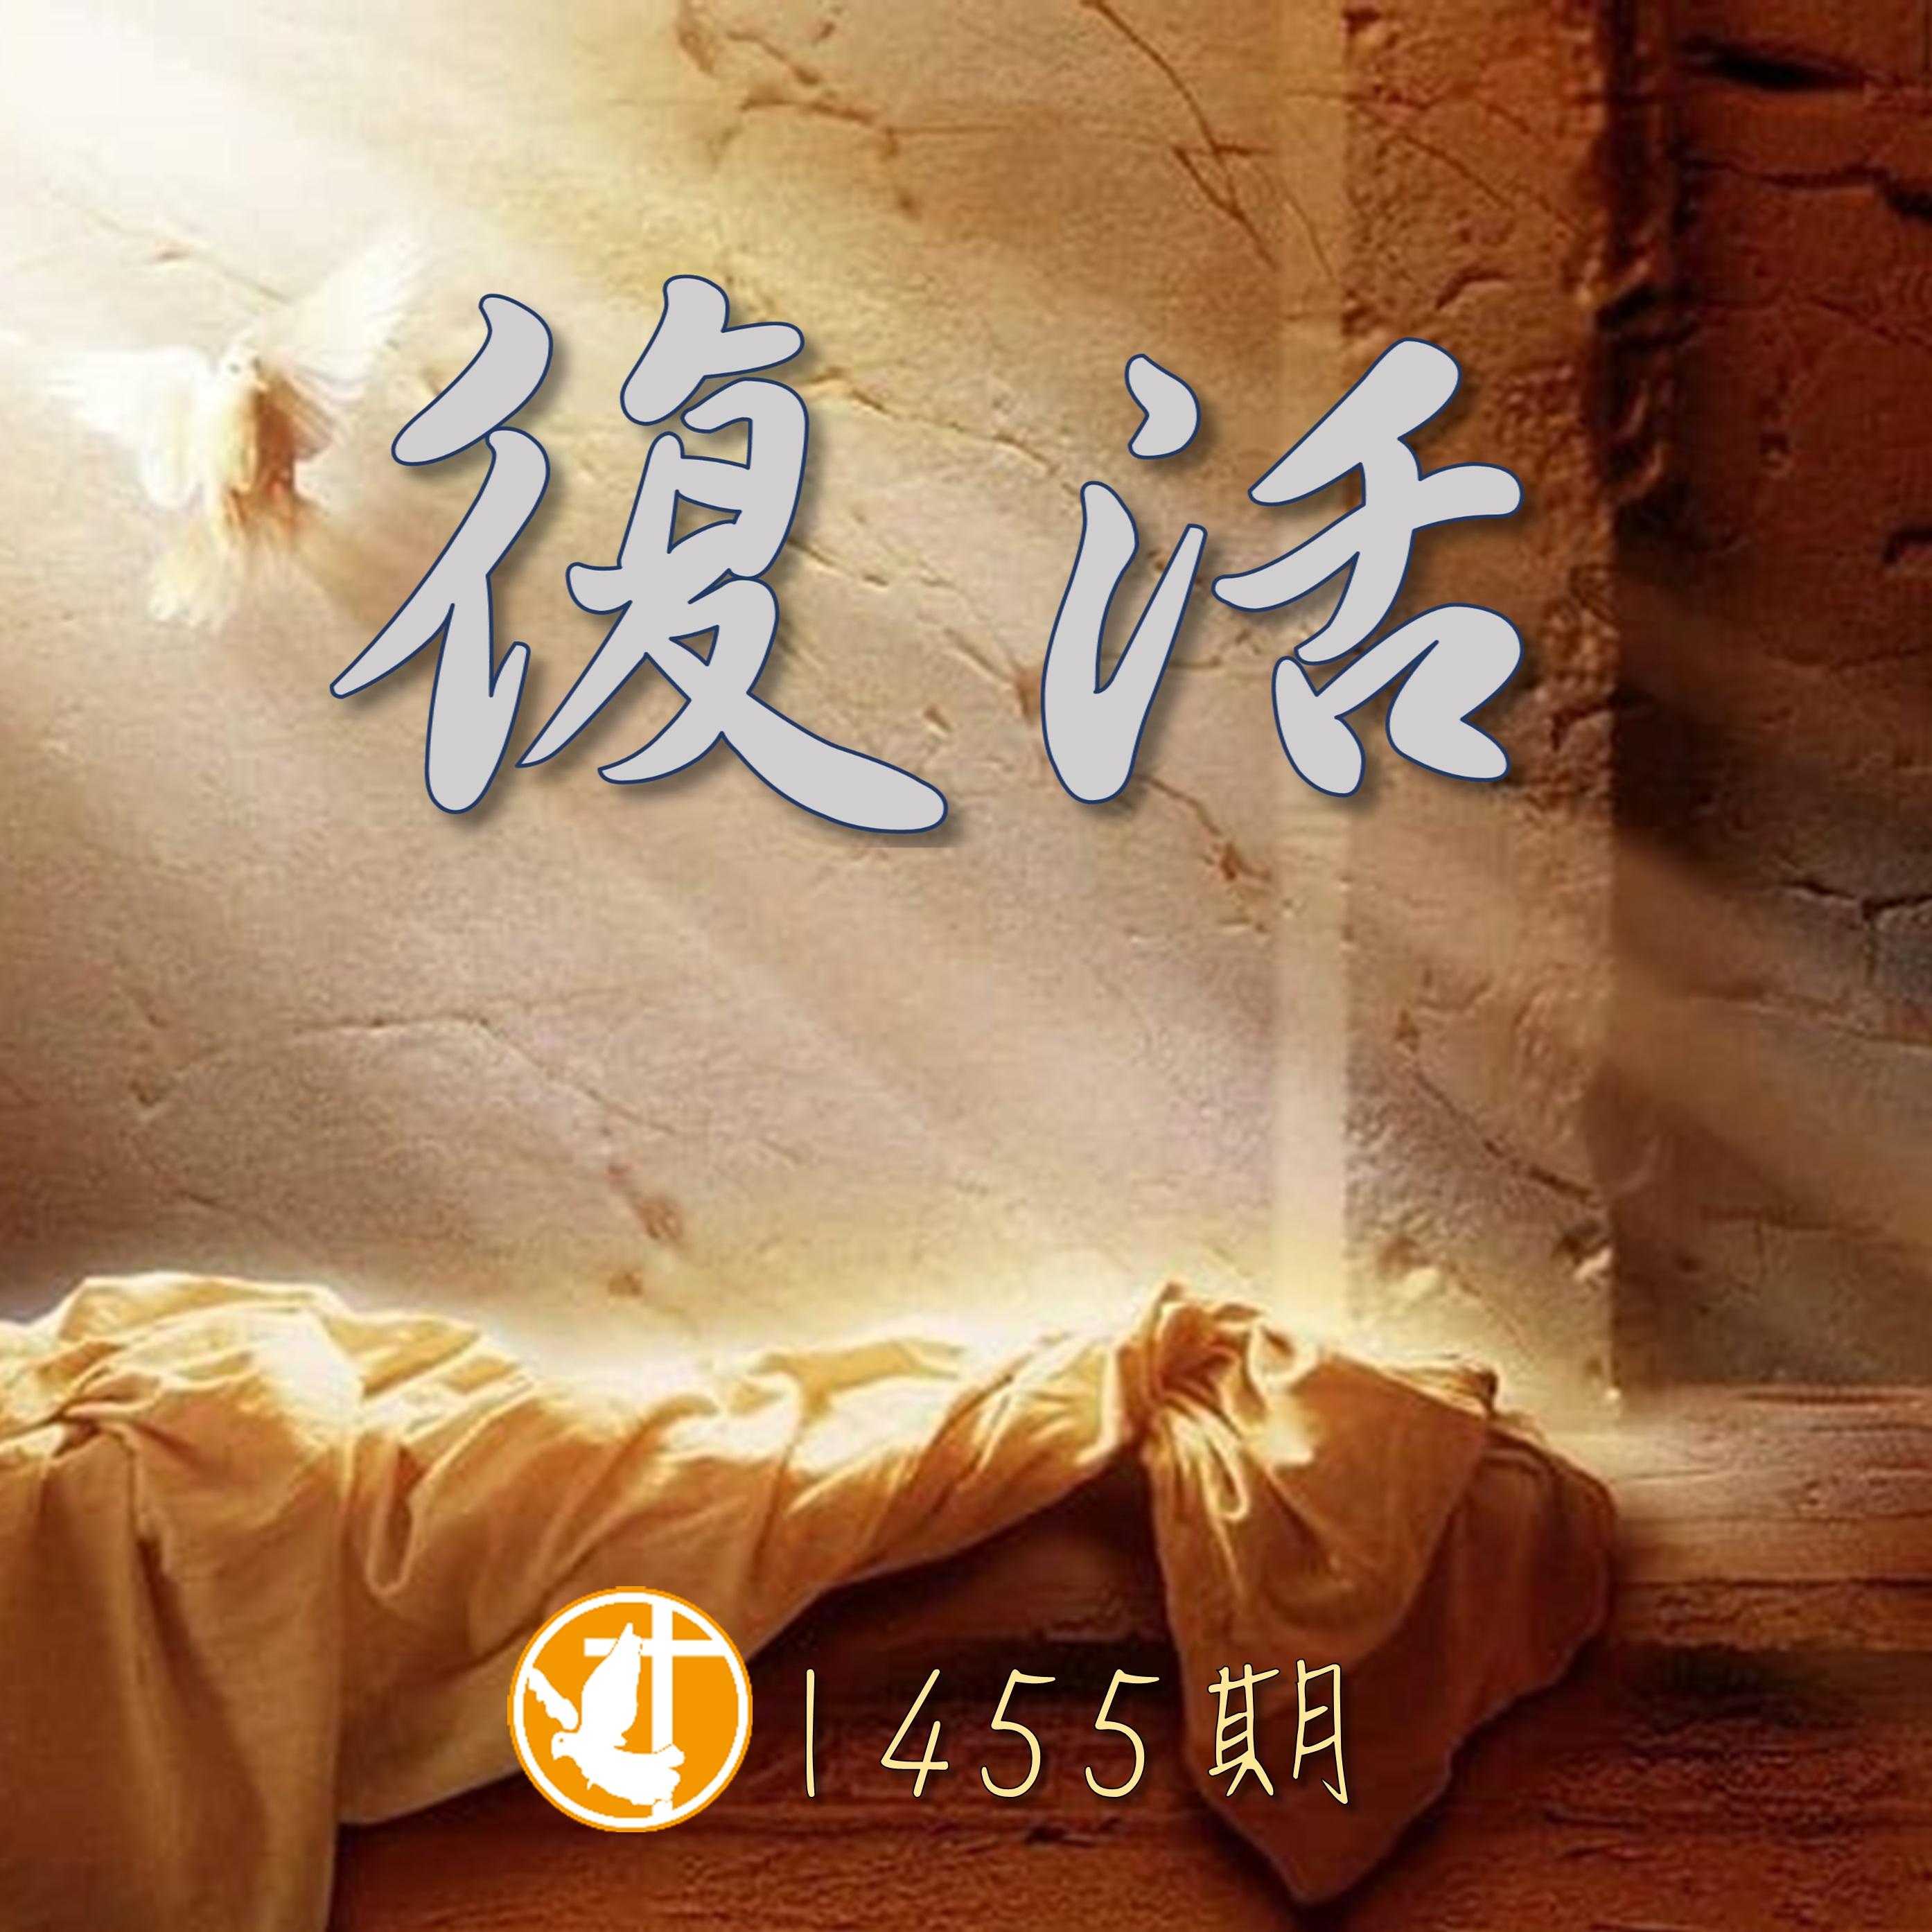 1455期 復活~一件奧秘的事